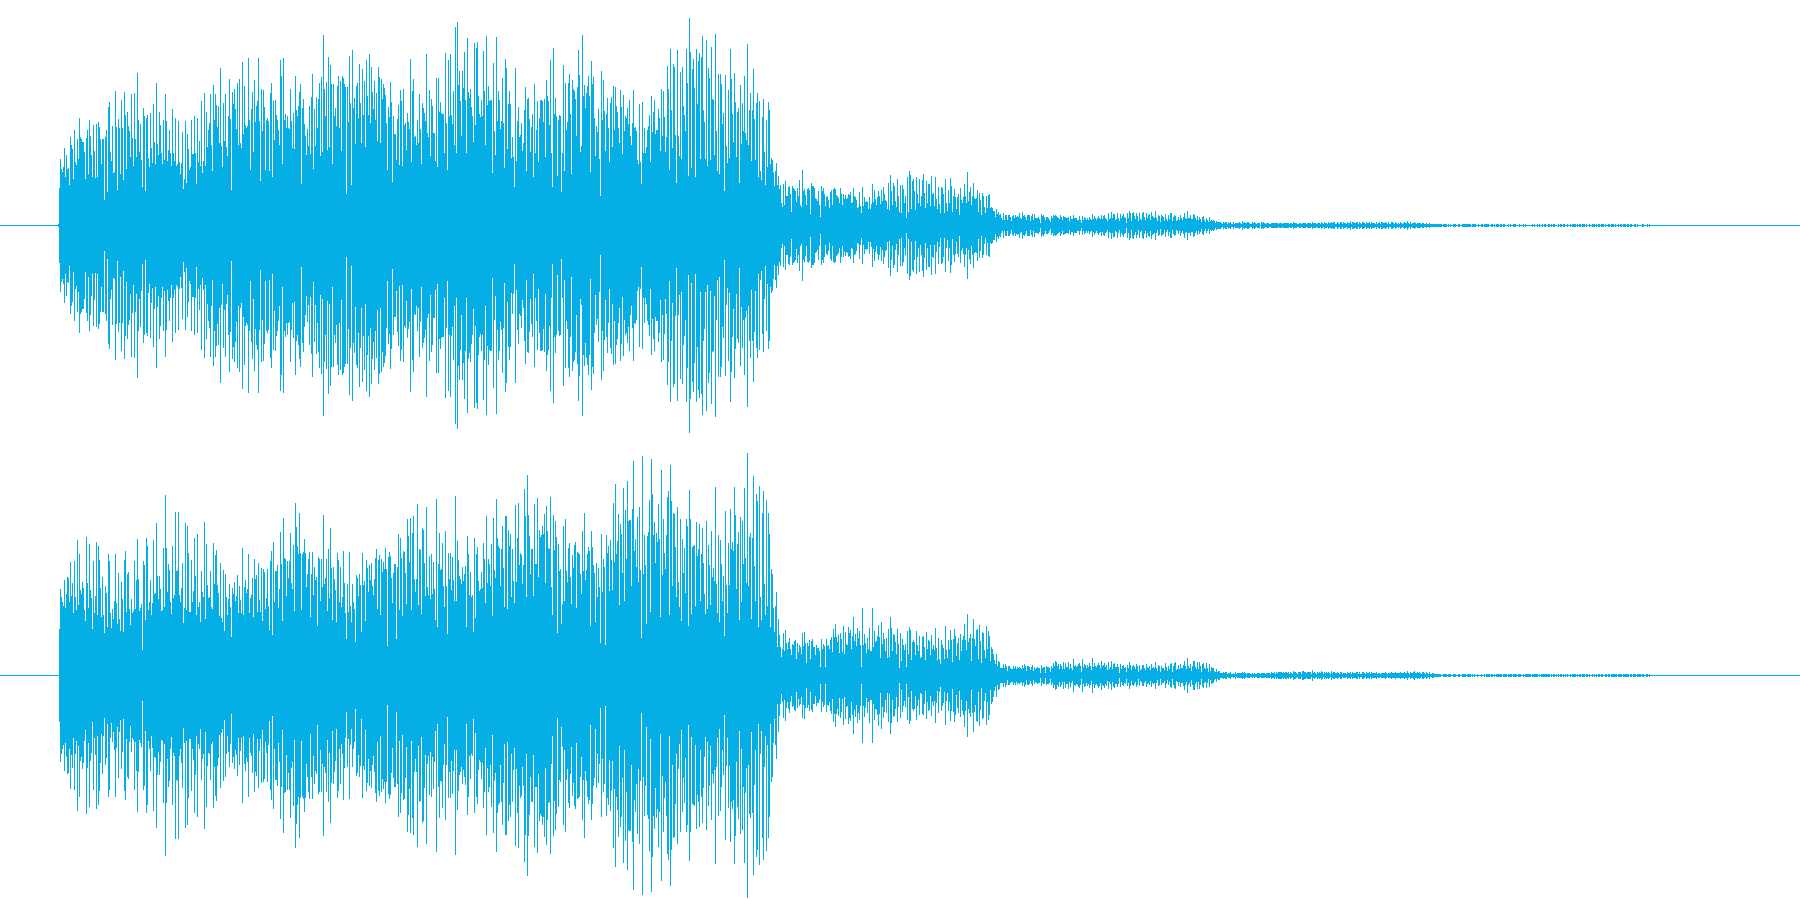 サウンドロゴ2の再生済みの波形